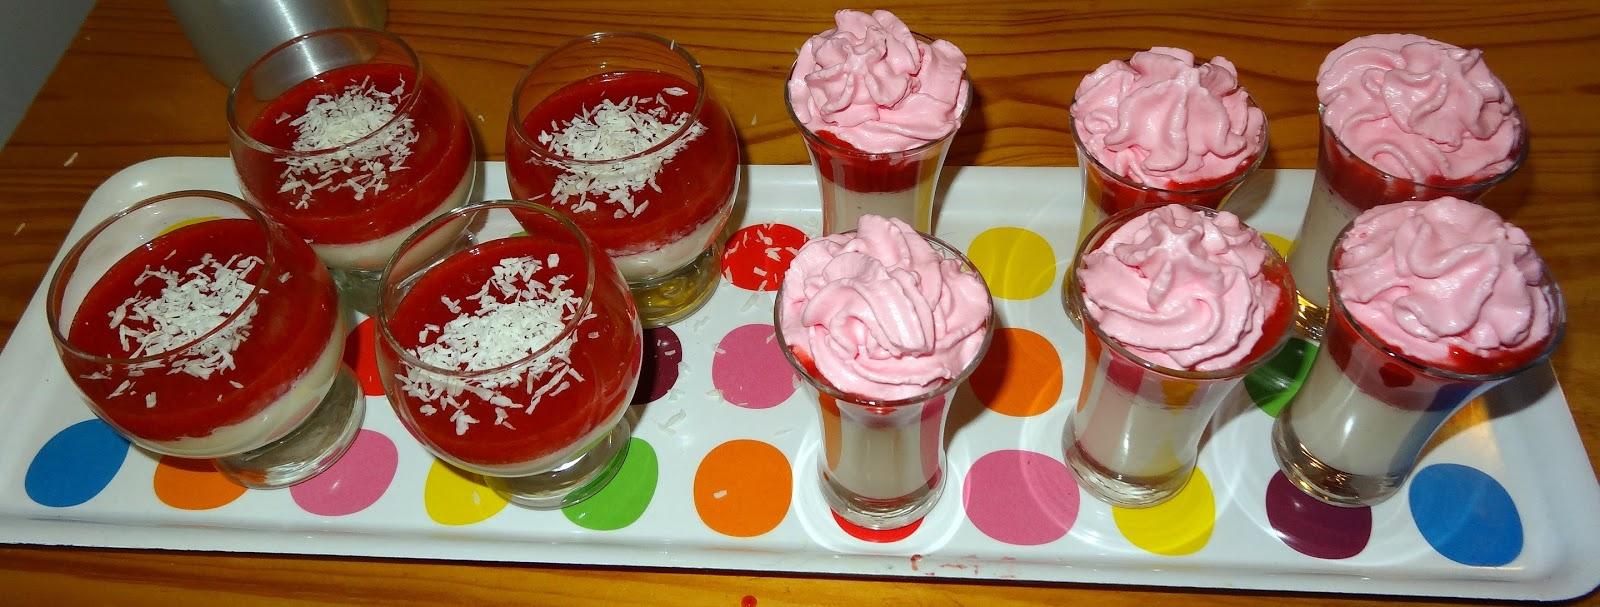 Les gourmandises de bl ne recette de panna cotta la fraise et la noix de coco base d 39 agar - Panna cotta noix de coco ...